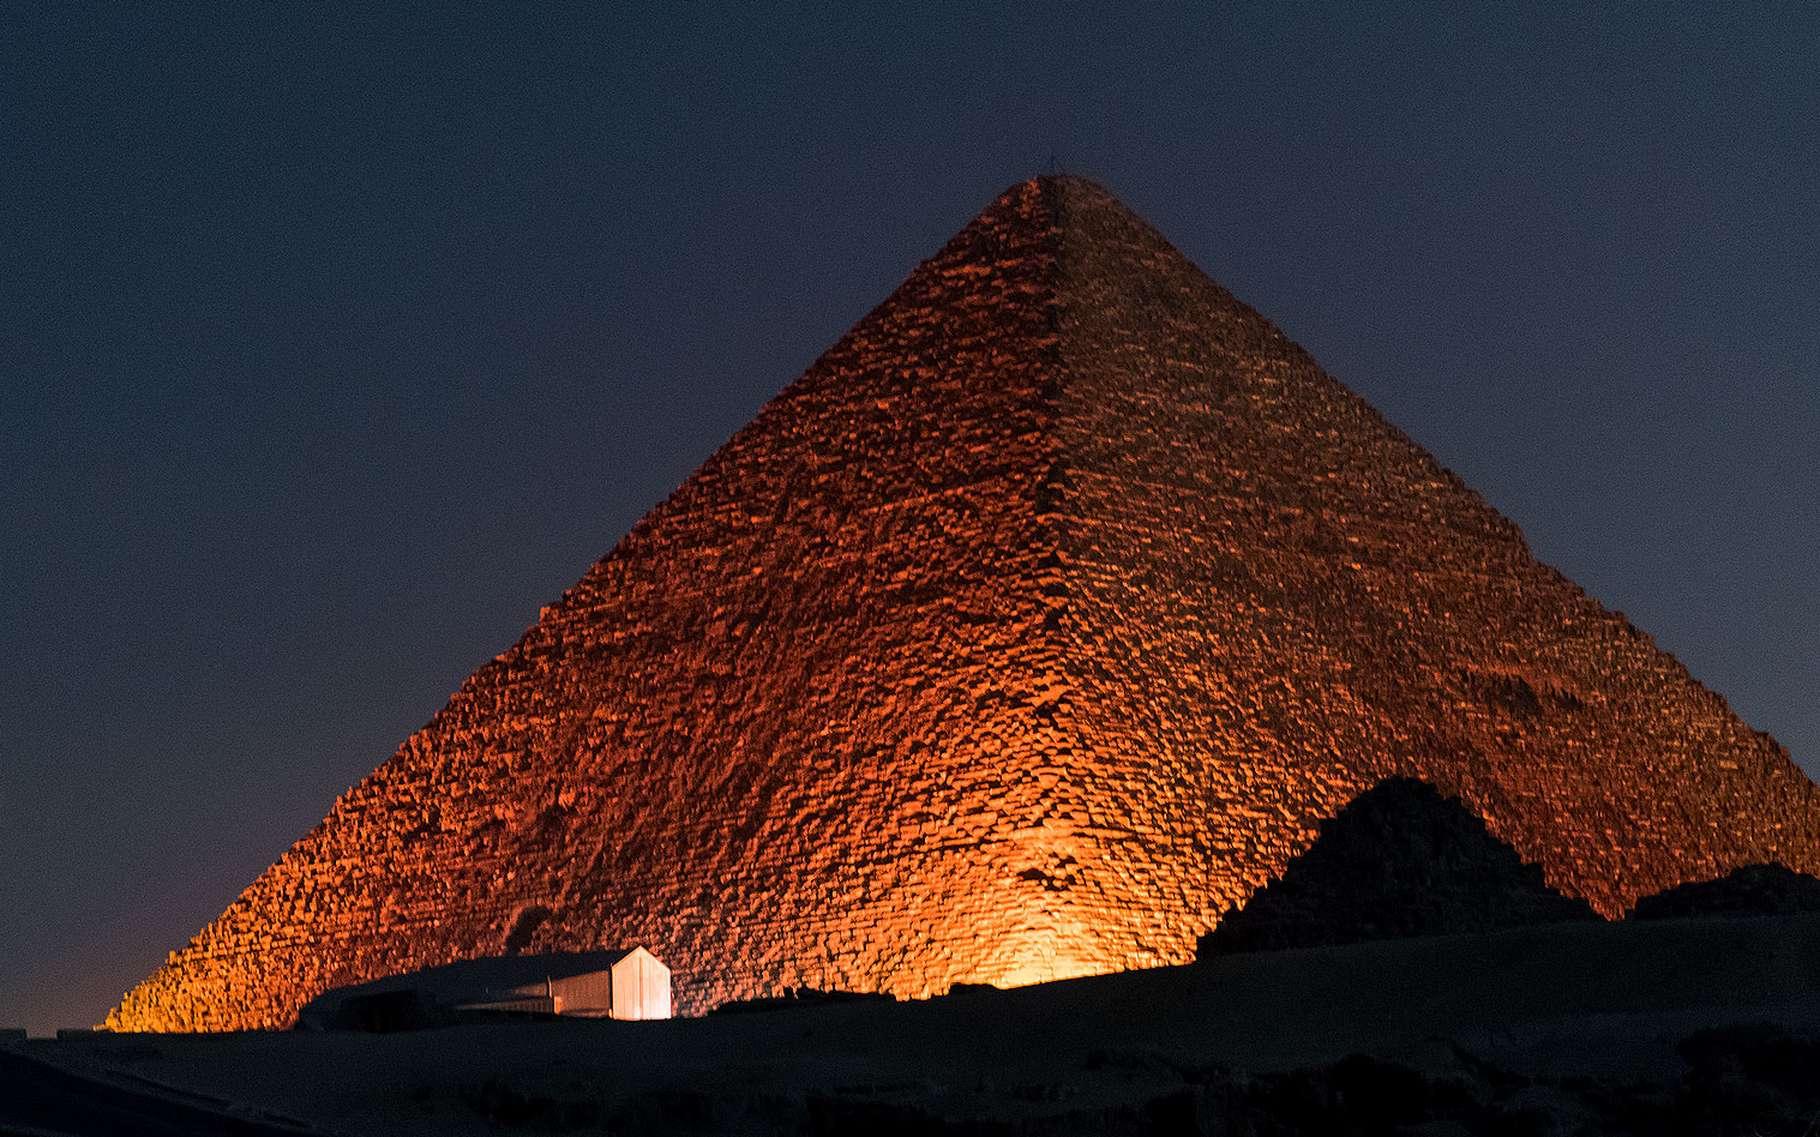 Le Caire Pyramide de Gizeh Nuit